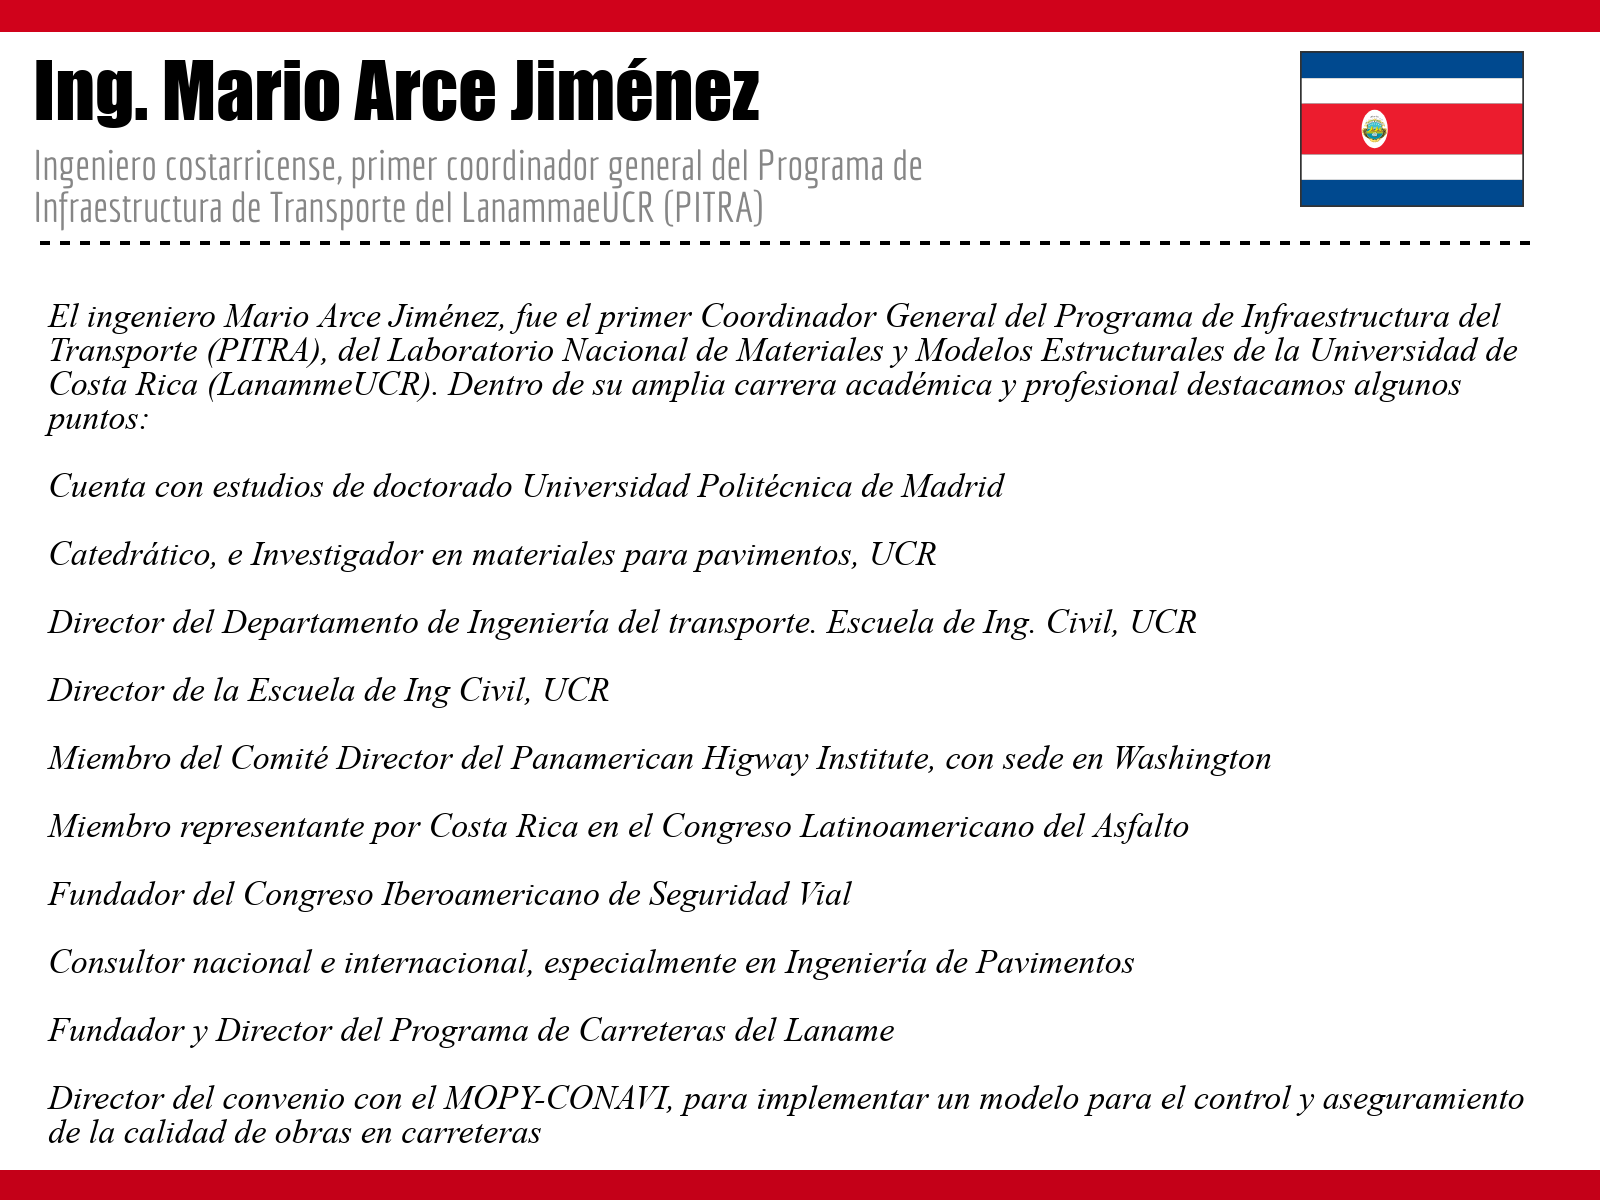 mario-arce_22413159.png